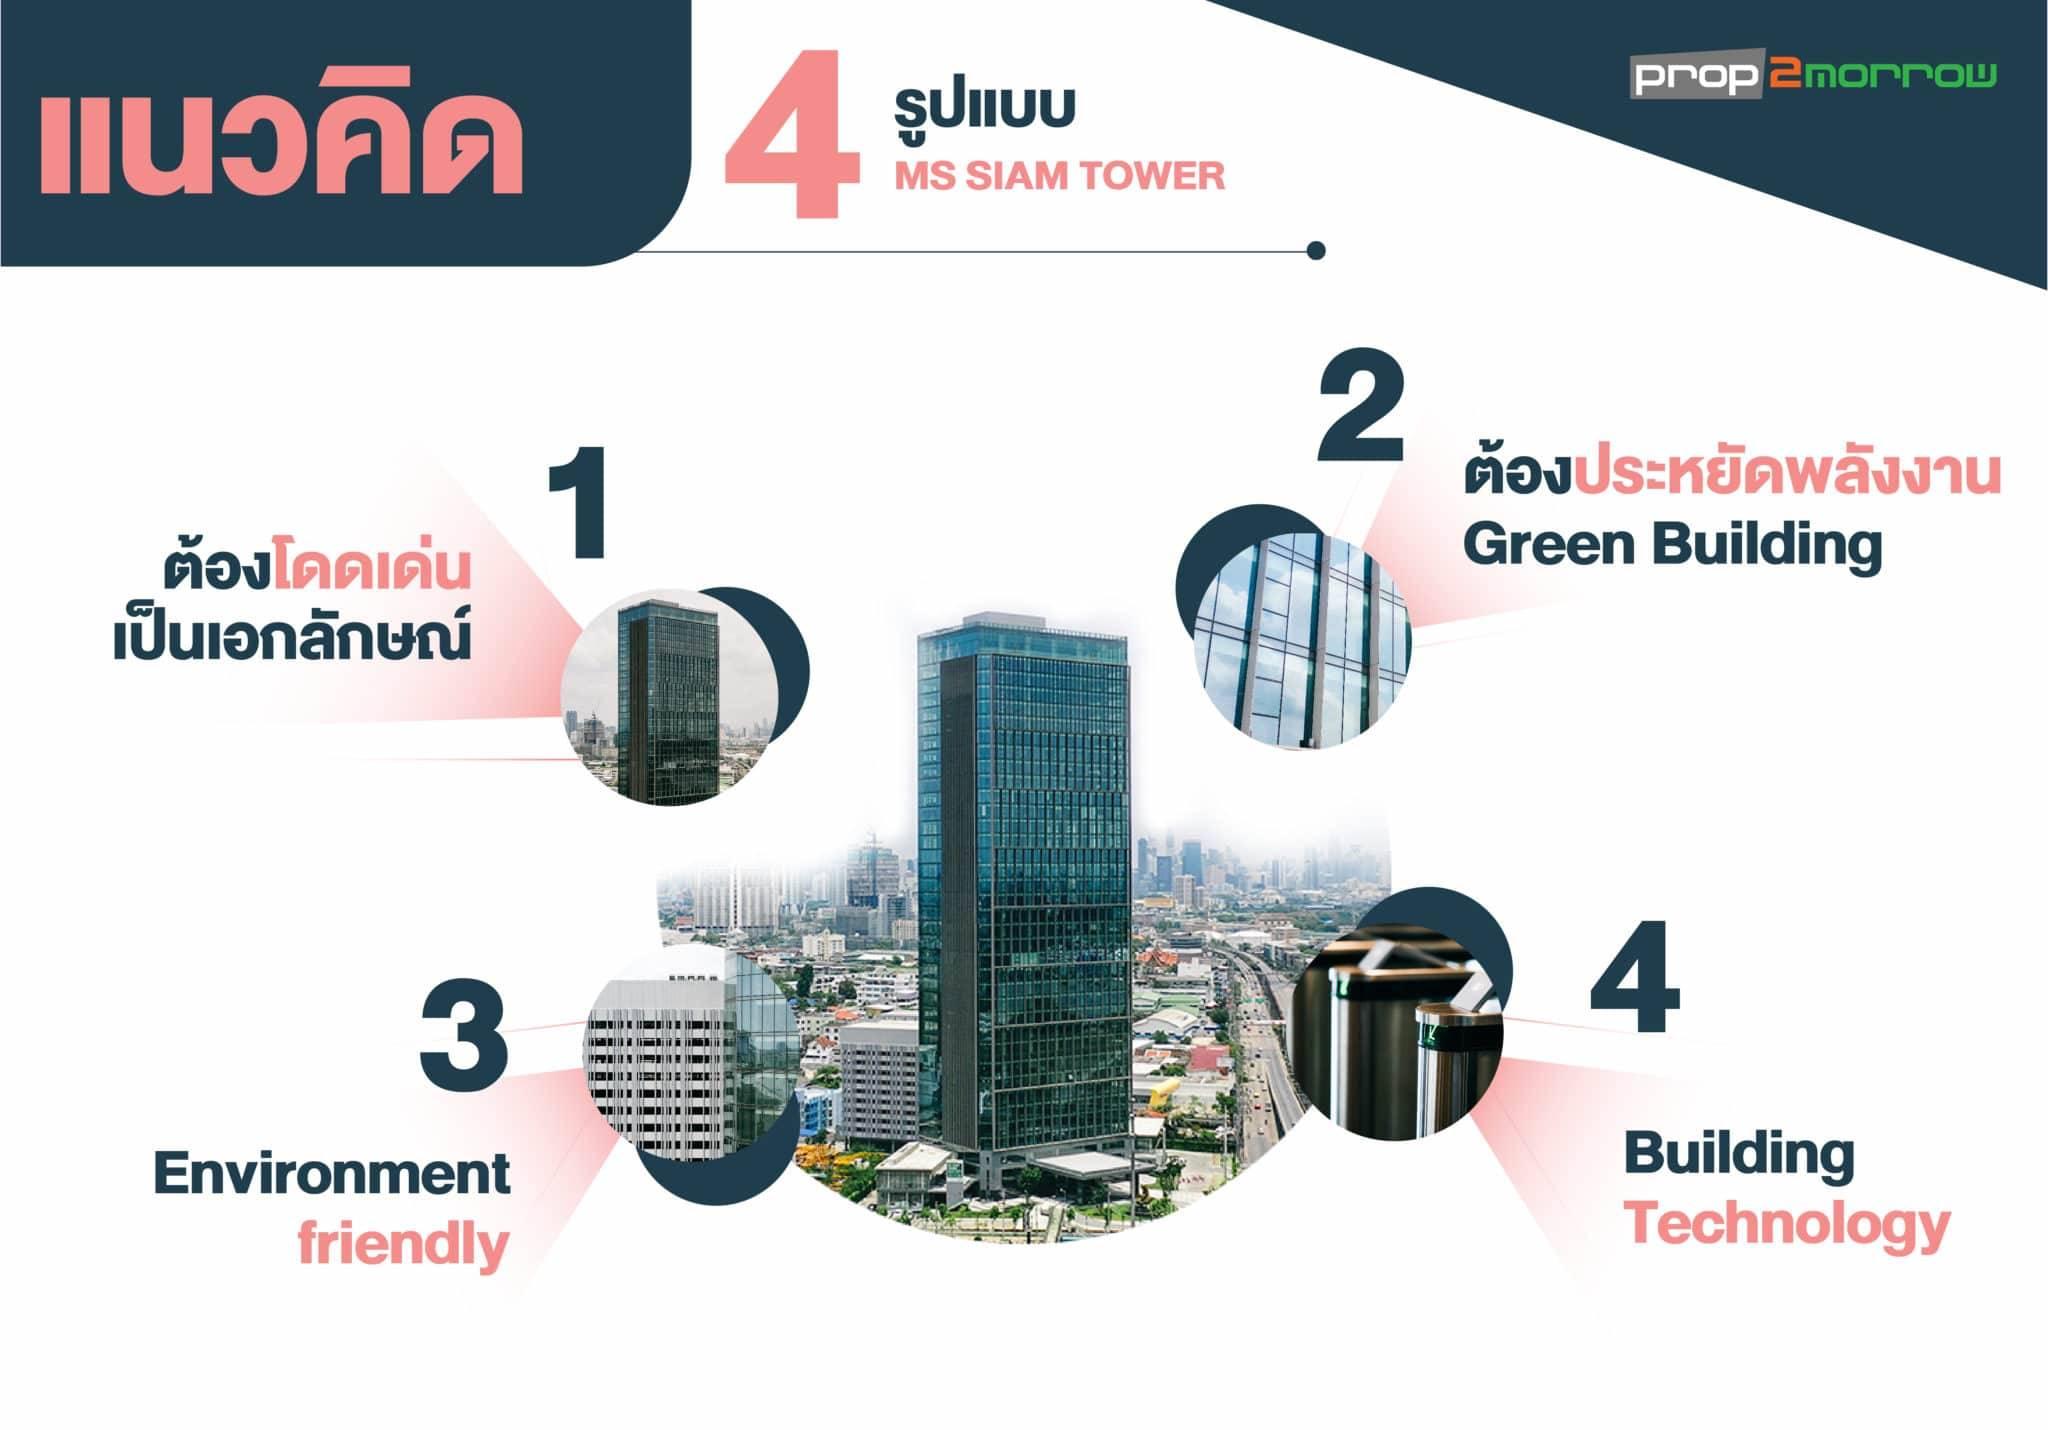 เปิดอาคารออฟฟิศเกรดเอ MS SIAM TOWER  ราคาดี ทำเลดี วิวเทพสุดๆ บนถนนพระราม3 | Prop2Morrow บ้าน คอนโด ข่าวอสังหาฯ